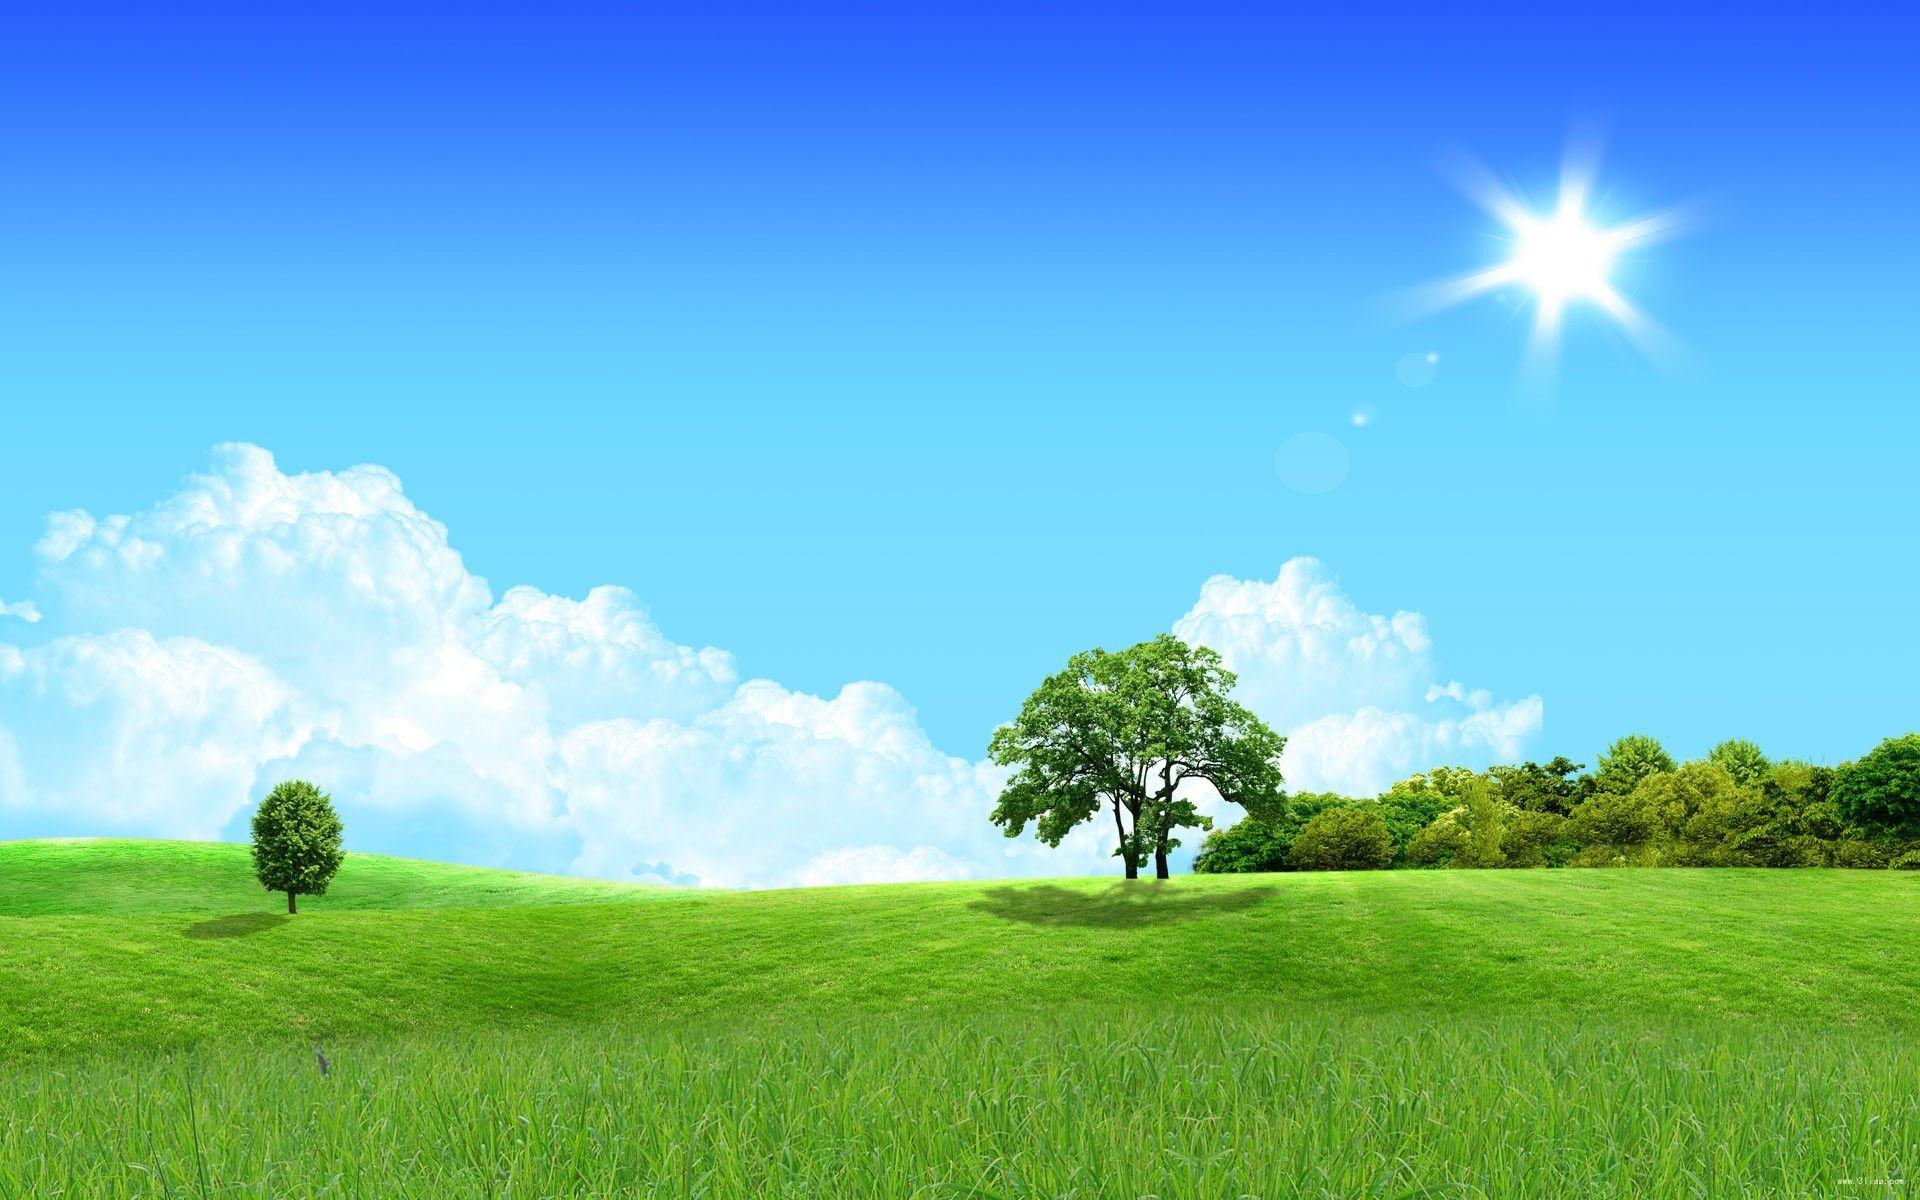 描写春天景色的句子 描写春天的诗句 春天来了写一段话